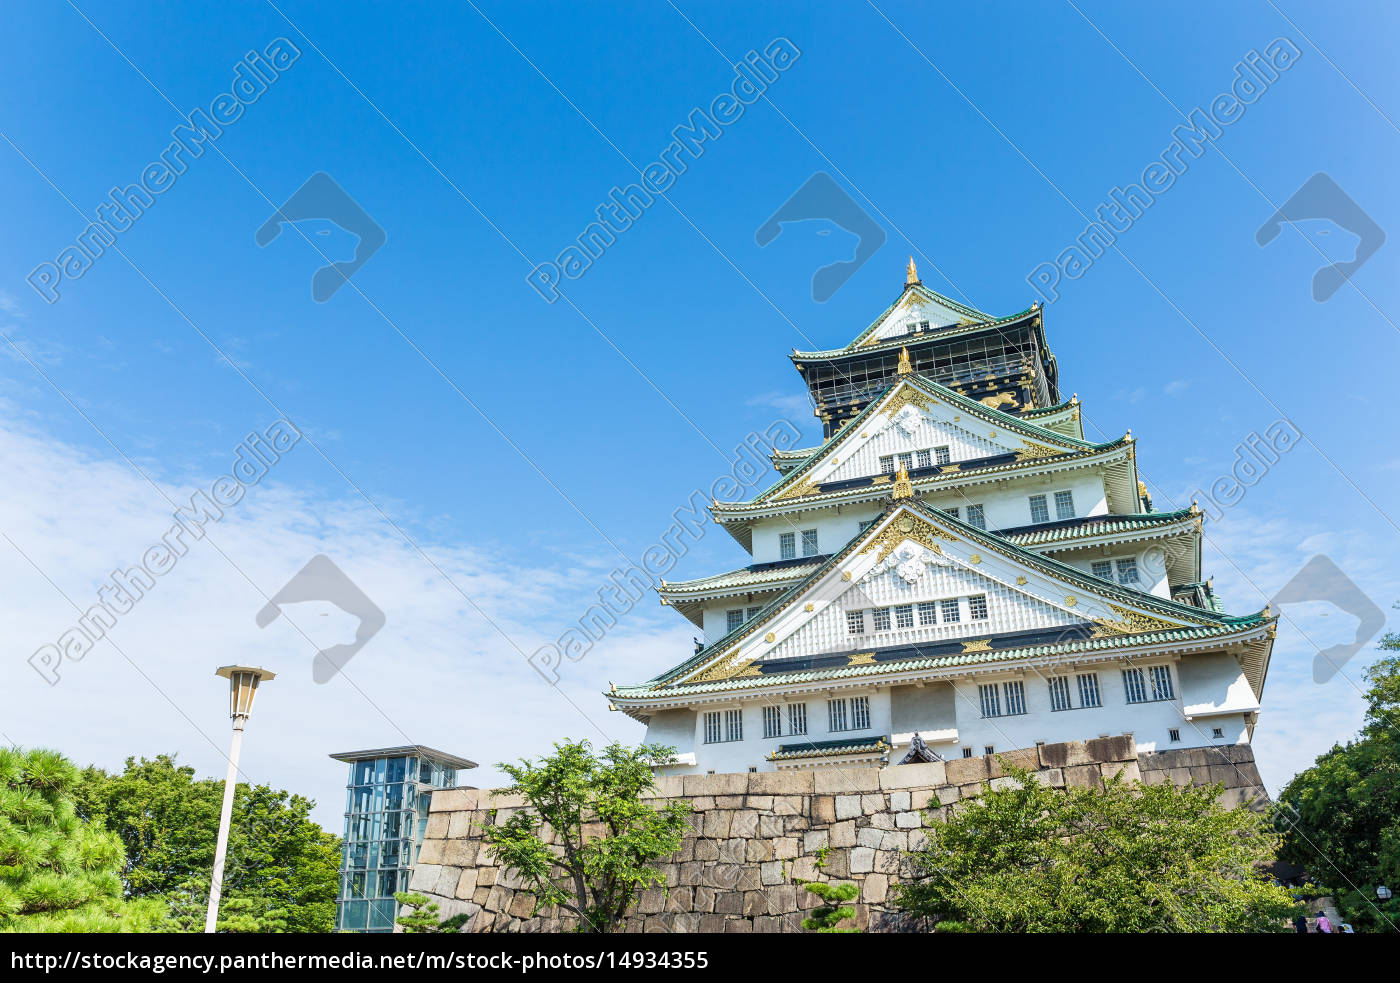 osaka, castle, in, japan - 14934355